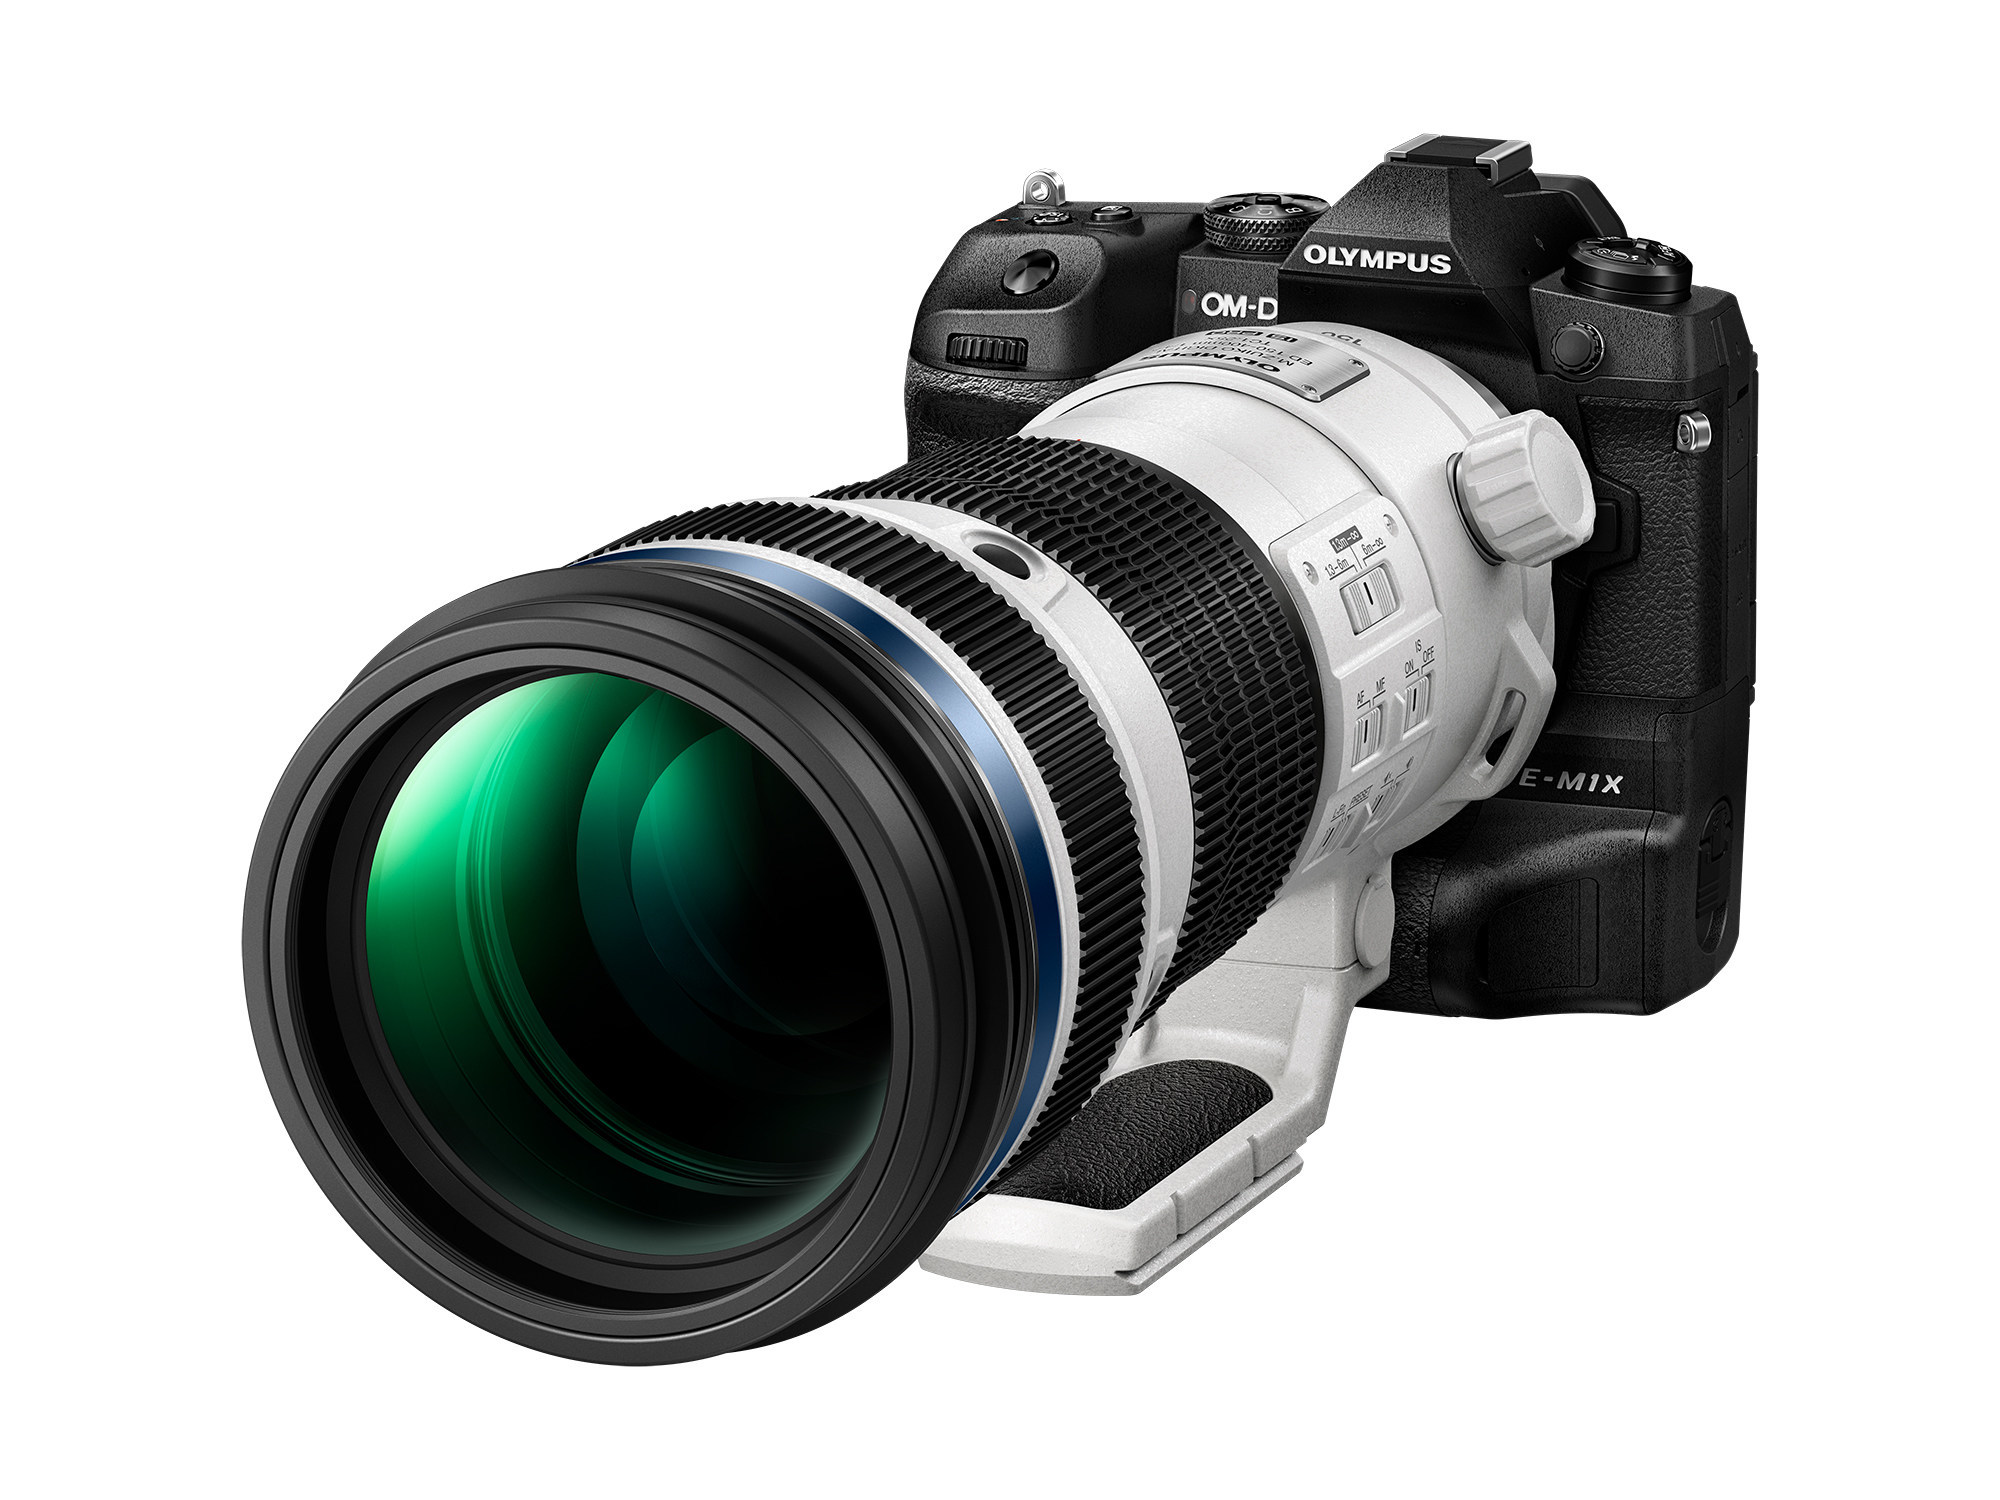 M.Zuiko Digital ED 150-400mm F4.5 TC1.25x IS PRO